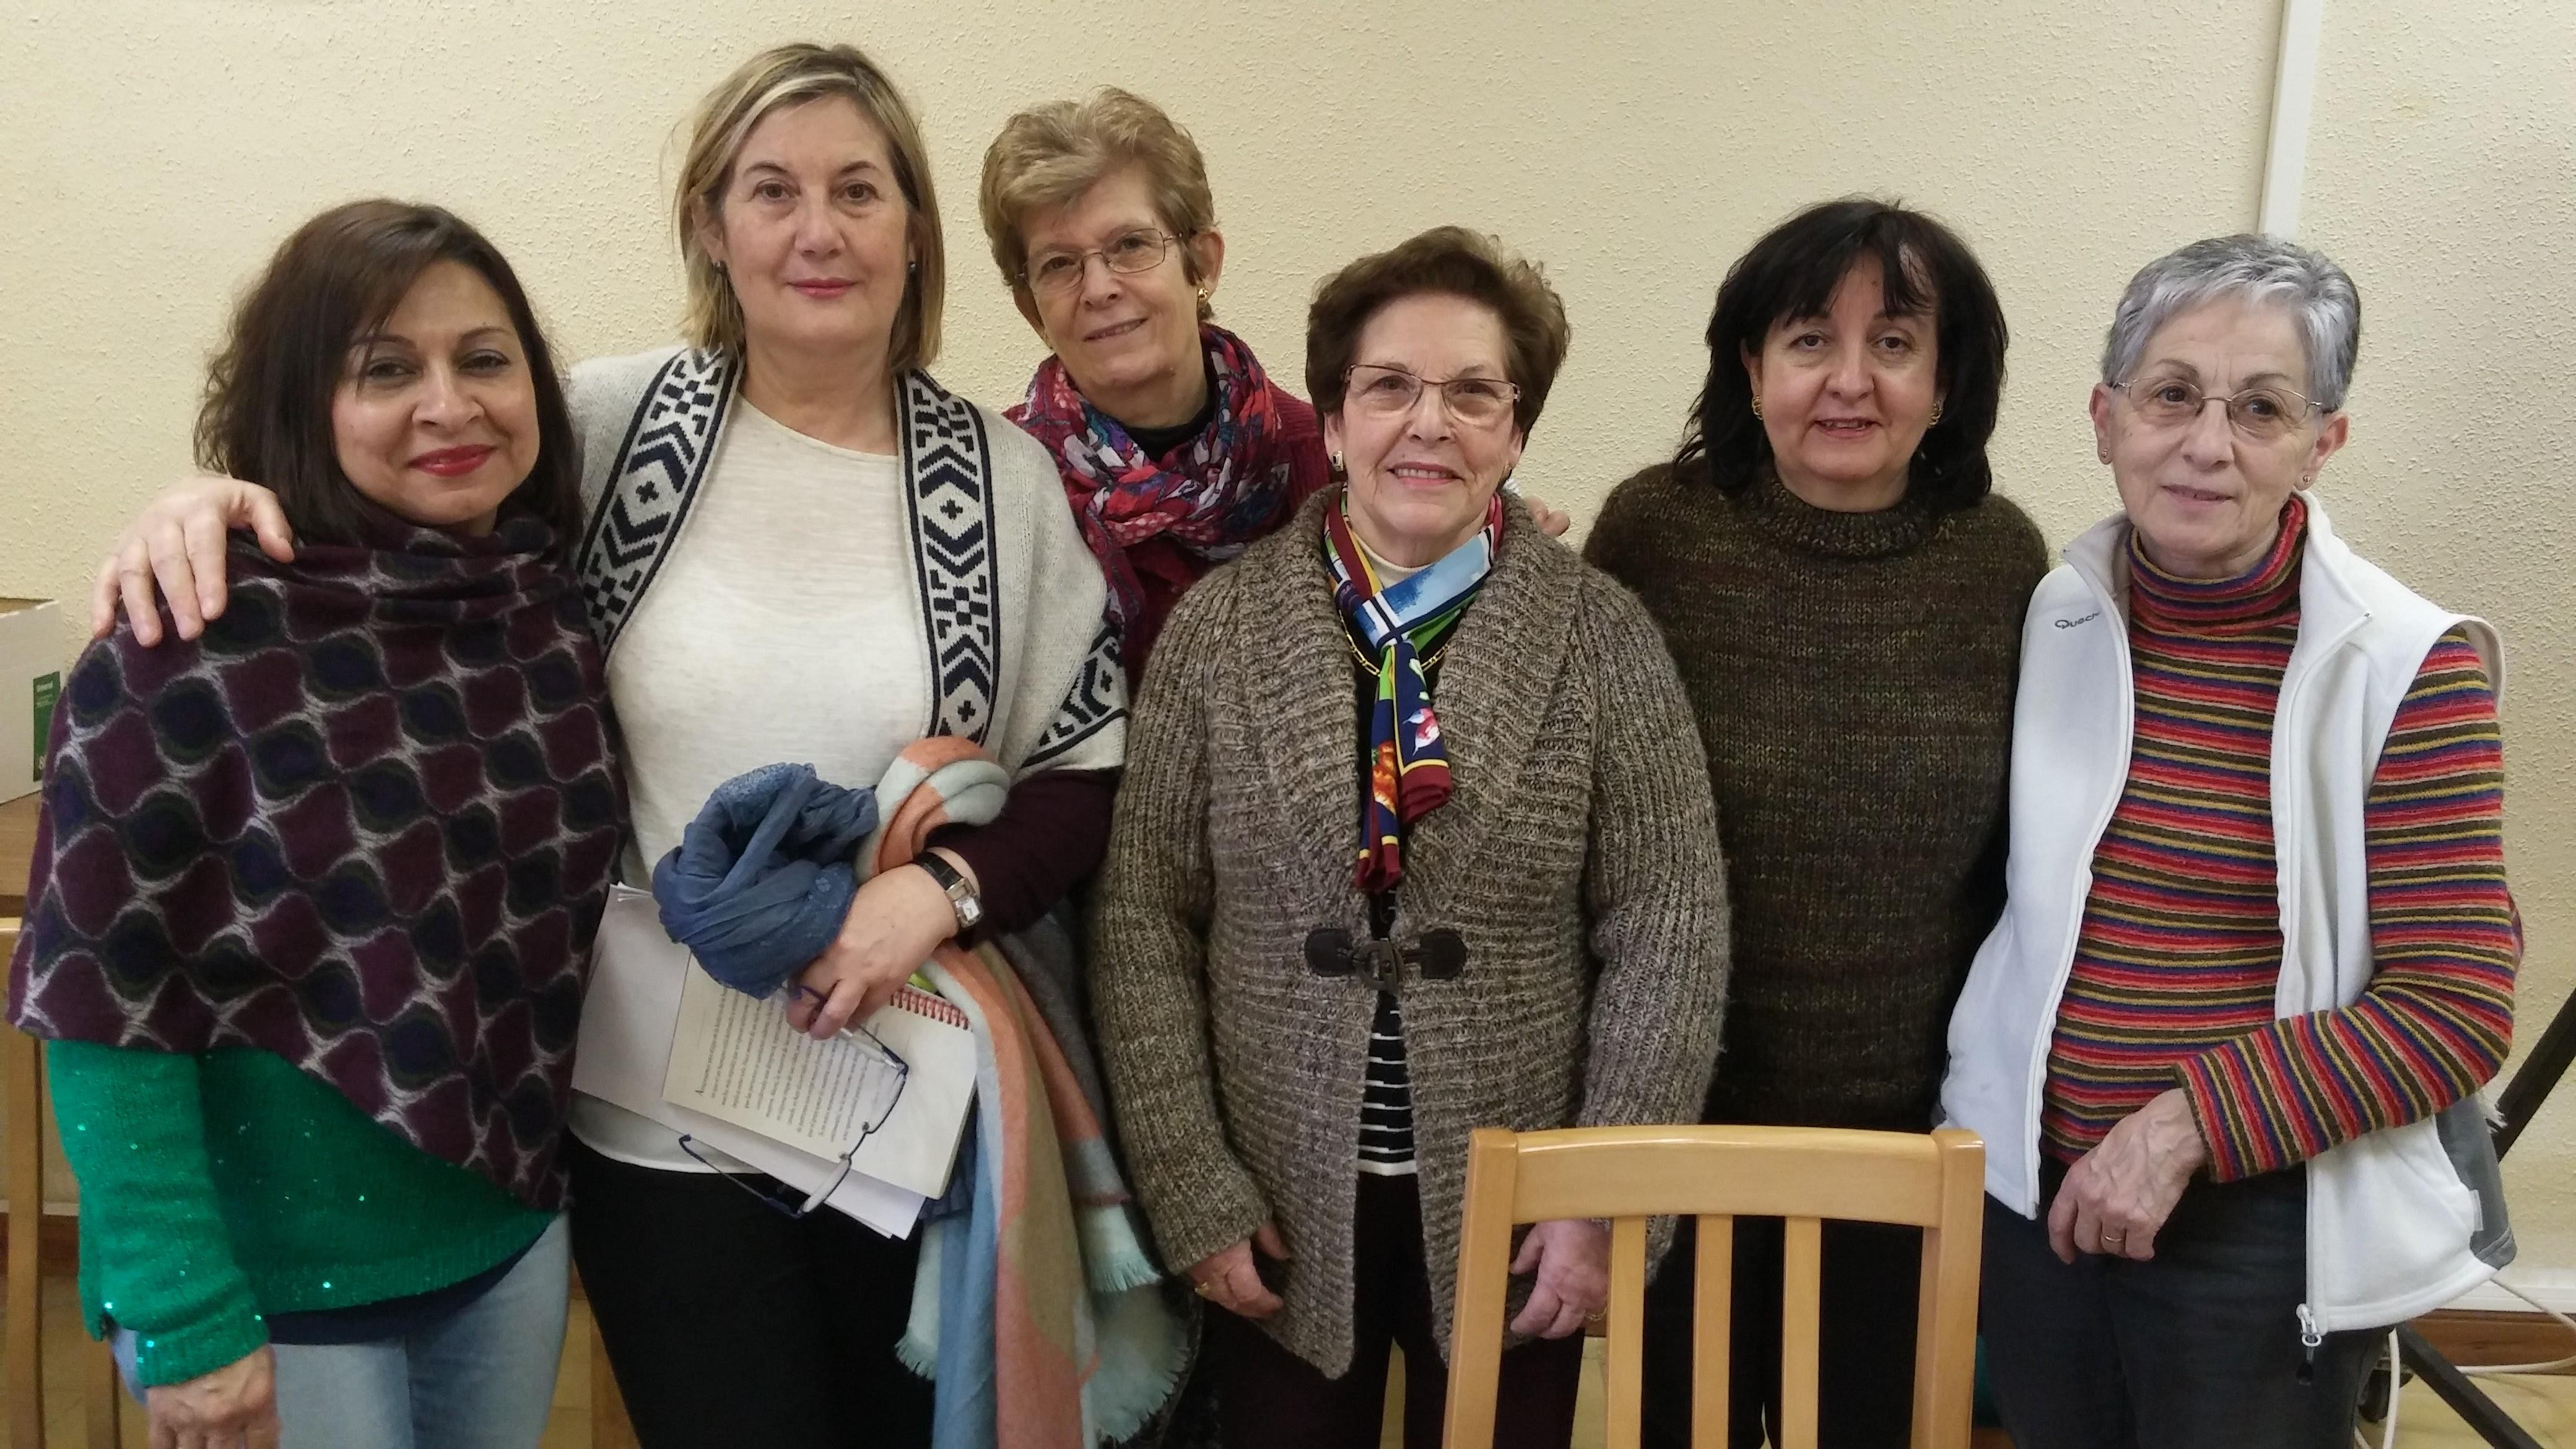 2016.02.27y28 - Retiro de Mística (7 PIEDRAS) (17).jpg